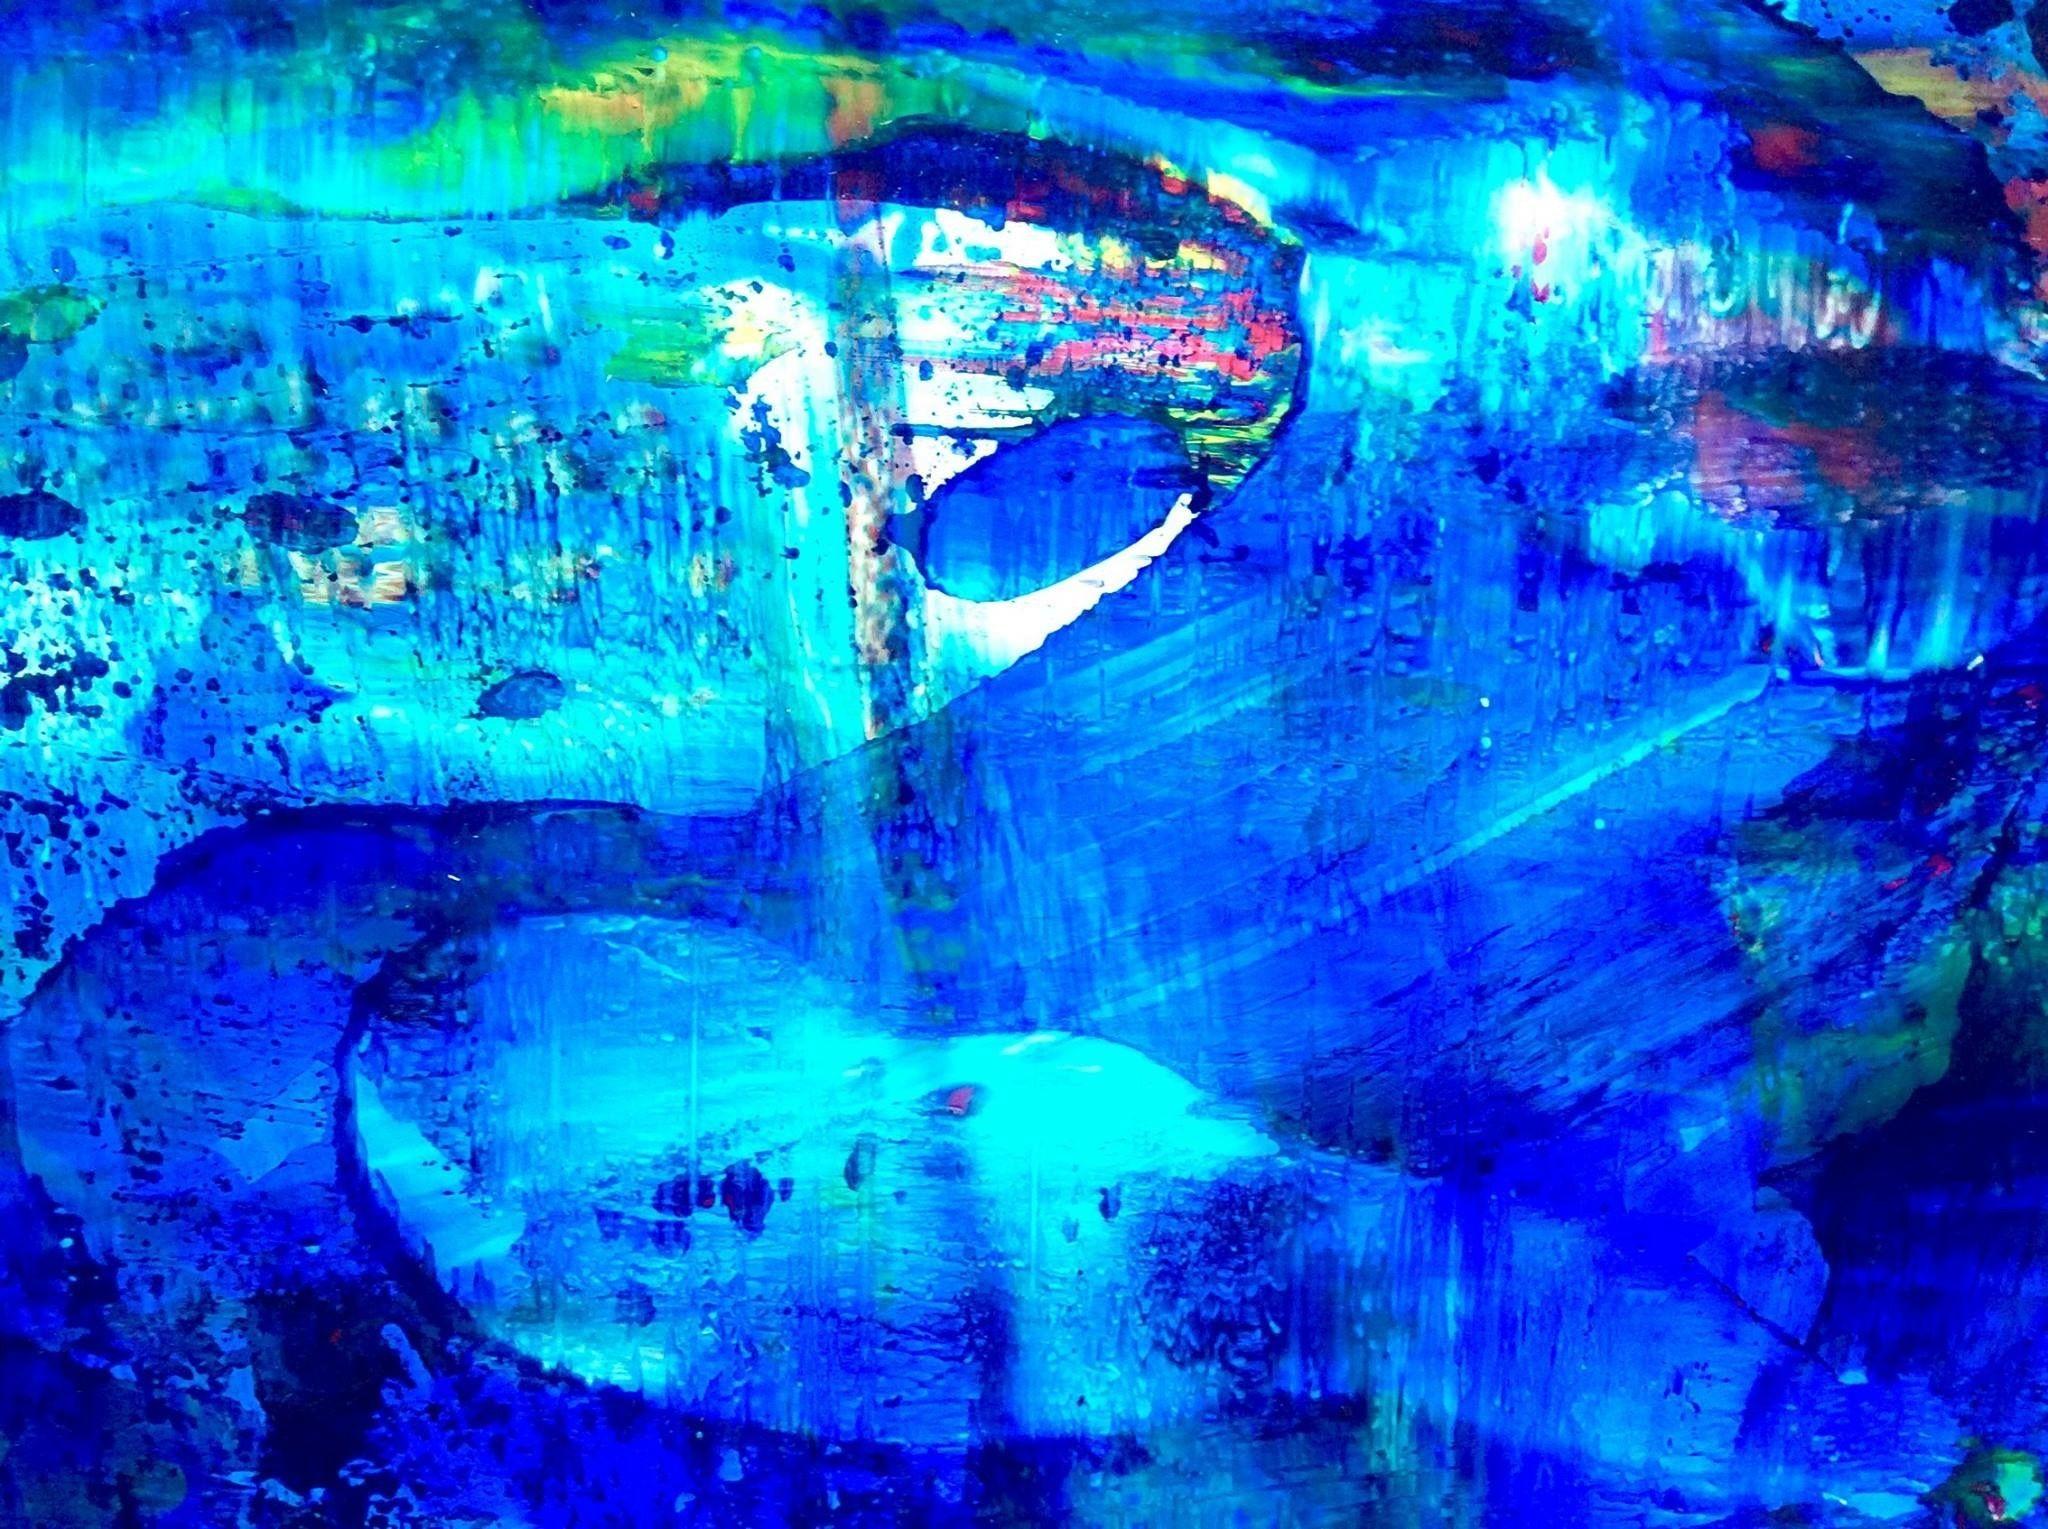 Epingle Par Tutz Art Sur Tutz Art Peinture Industrielle Alchimie Et Tableau